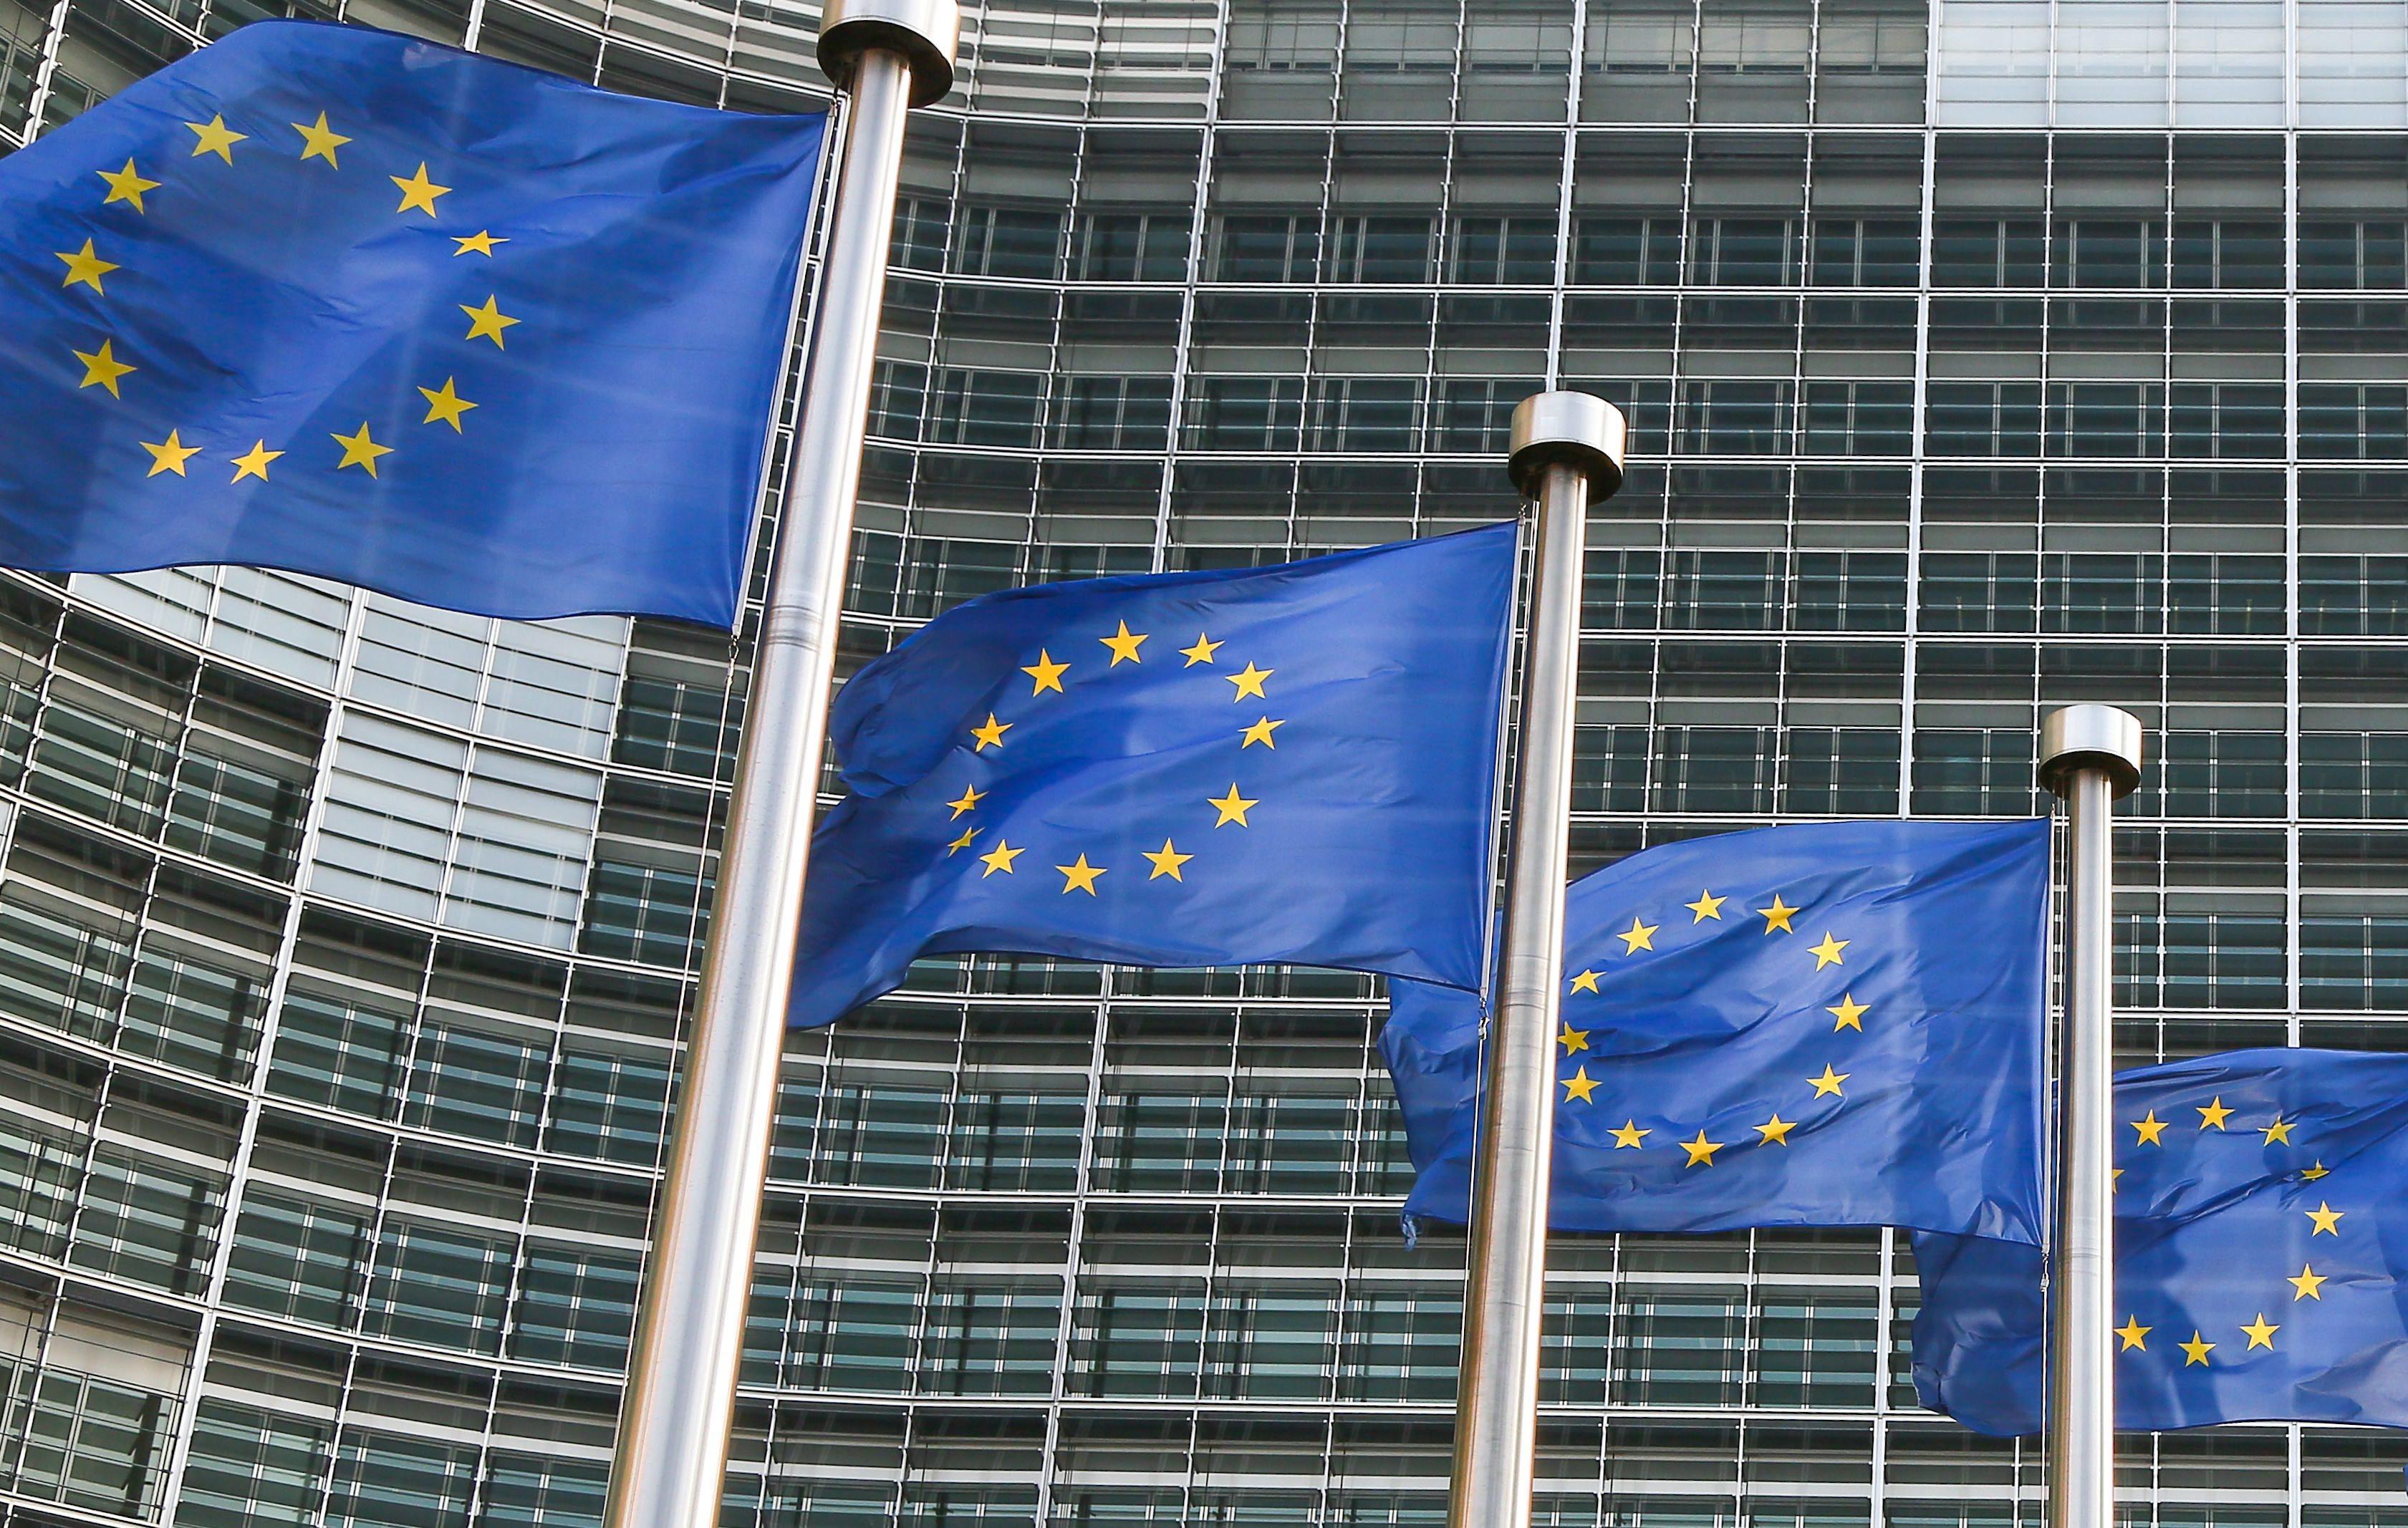 """Bruxelas estuda verificação para evitar """"surpresas desagradáveis"""" nas adesões à UE"""